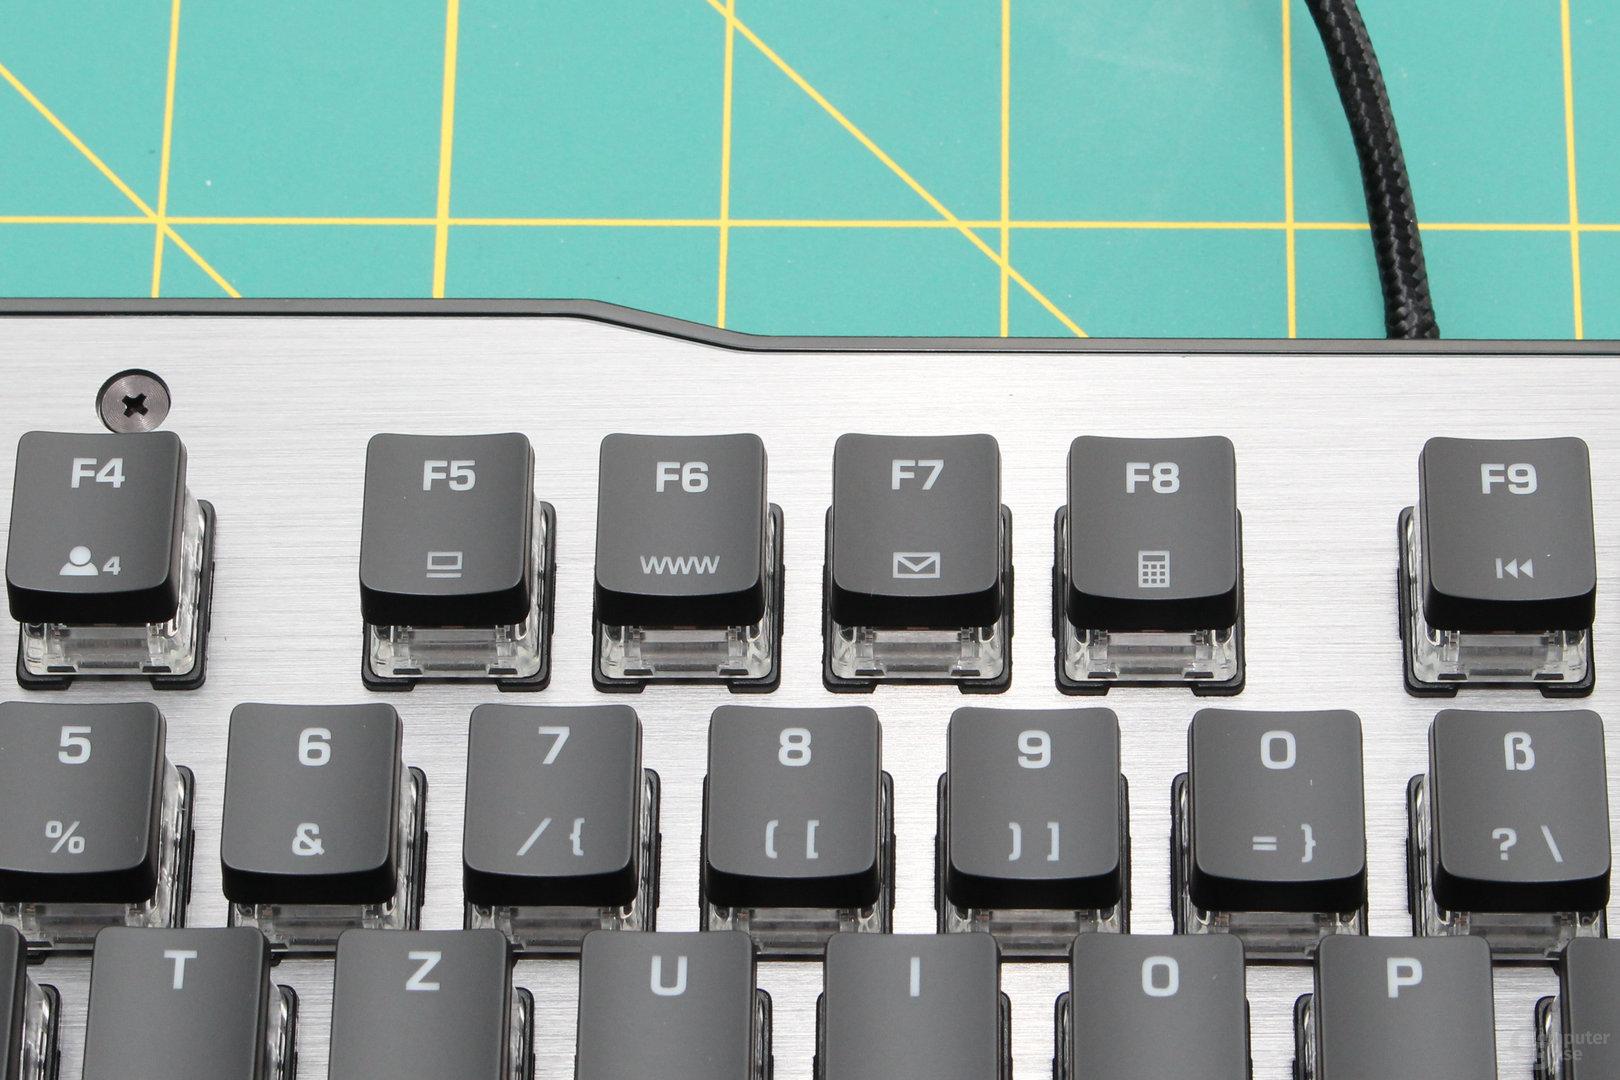 Füllwerk: Verknüpfungen zu Browser und Co (F5 bis F8)